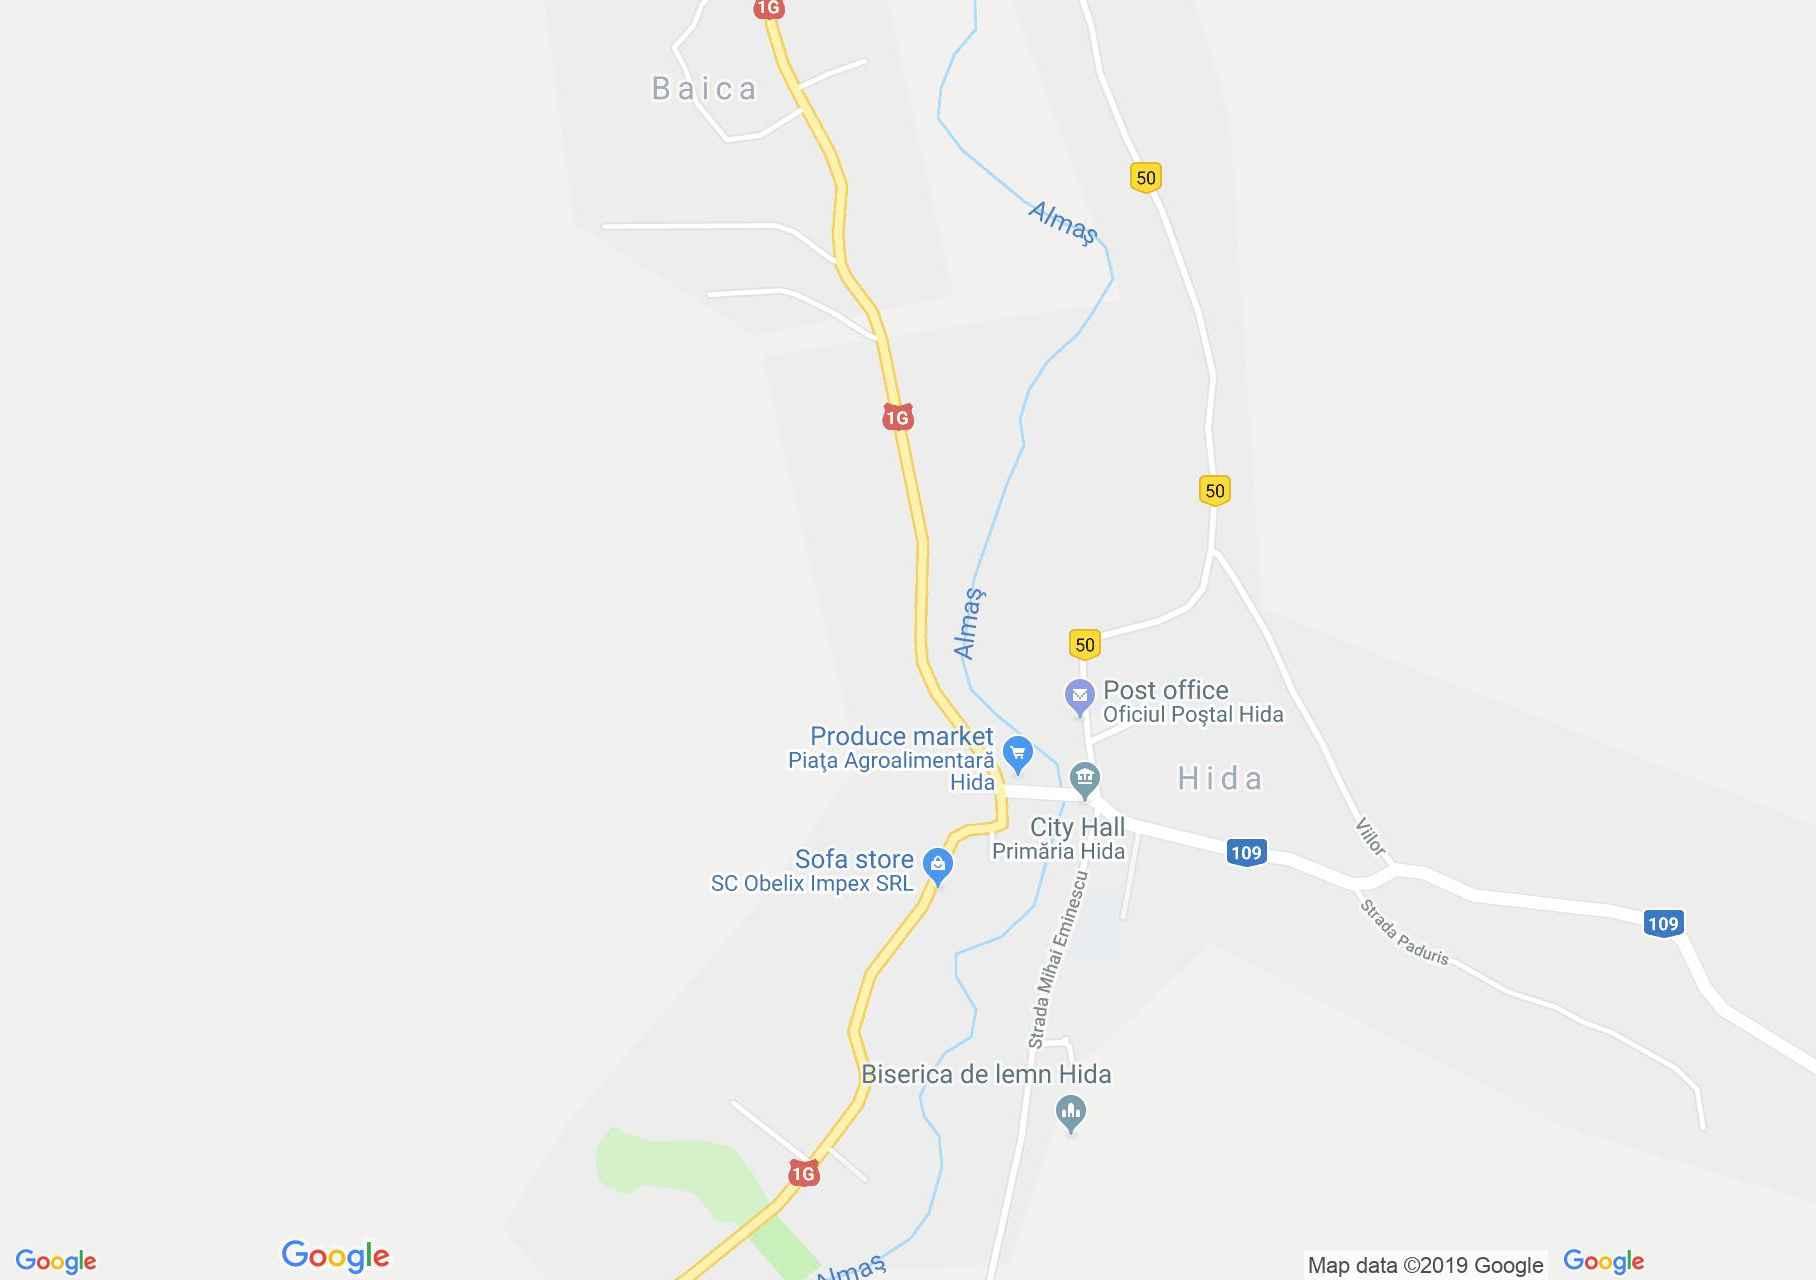 Hida (térkép)